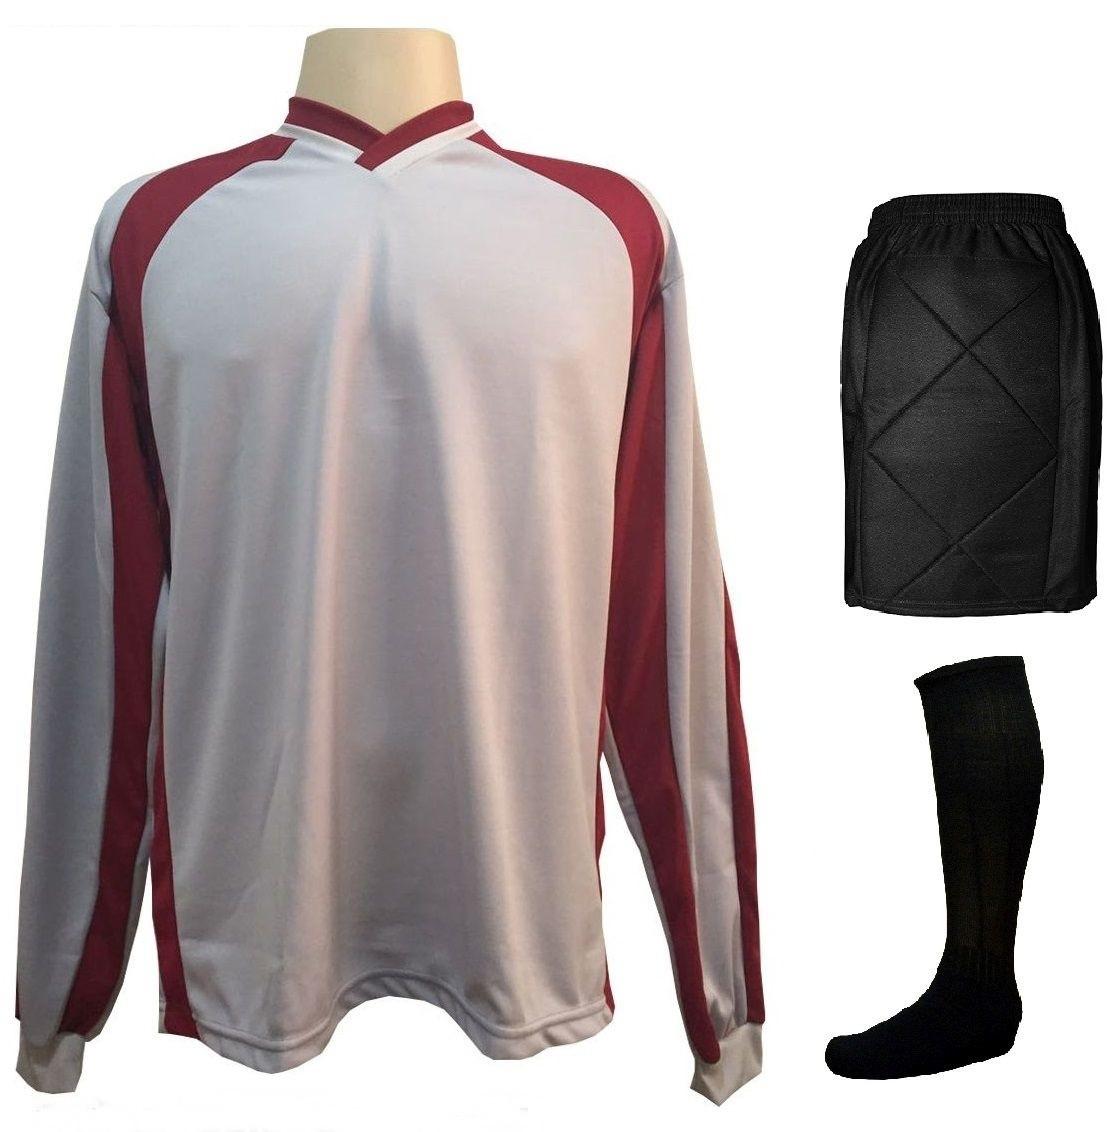 Uniforme Esportivo Completo modelo Sporting 14+1 (14 camisas Vermelho/Branco + 14 calções Madrid Vermelho + 14 pares de meiões Vermelho + 1 conjunto de goleiro) + Brindes